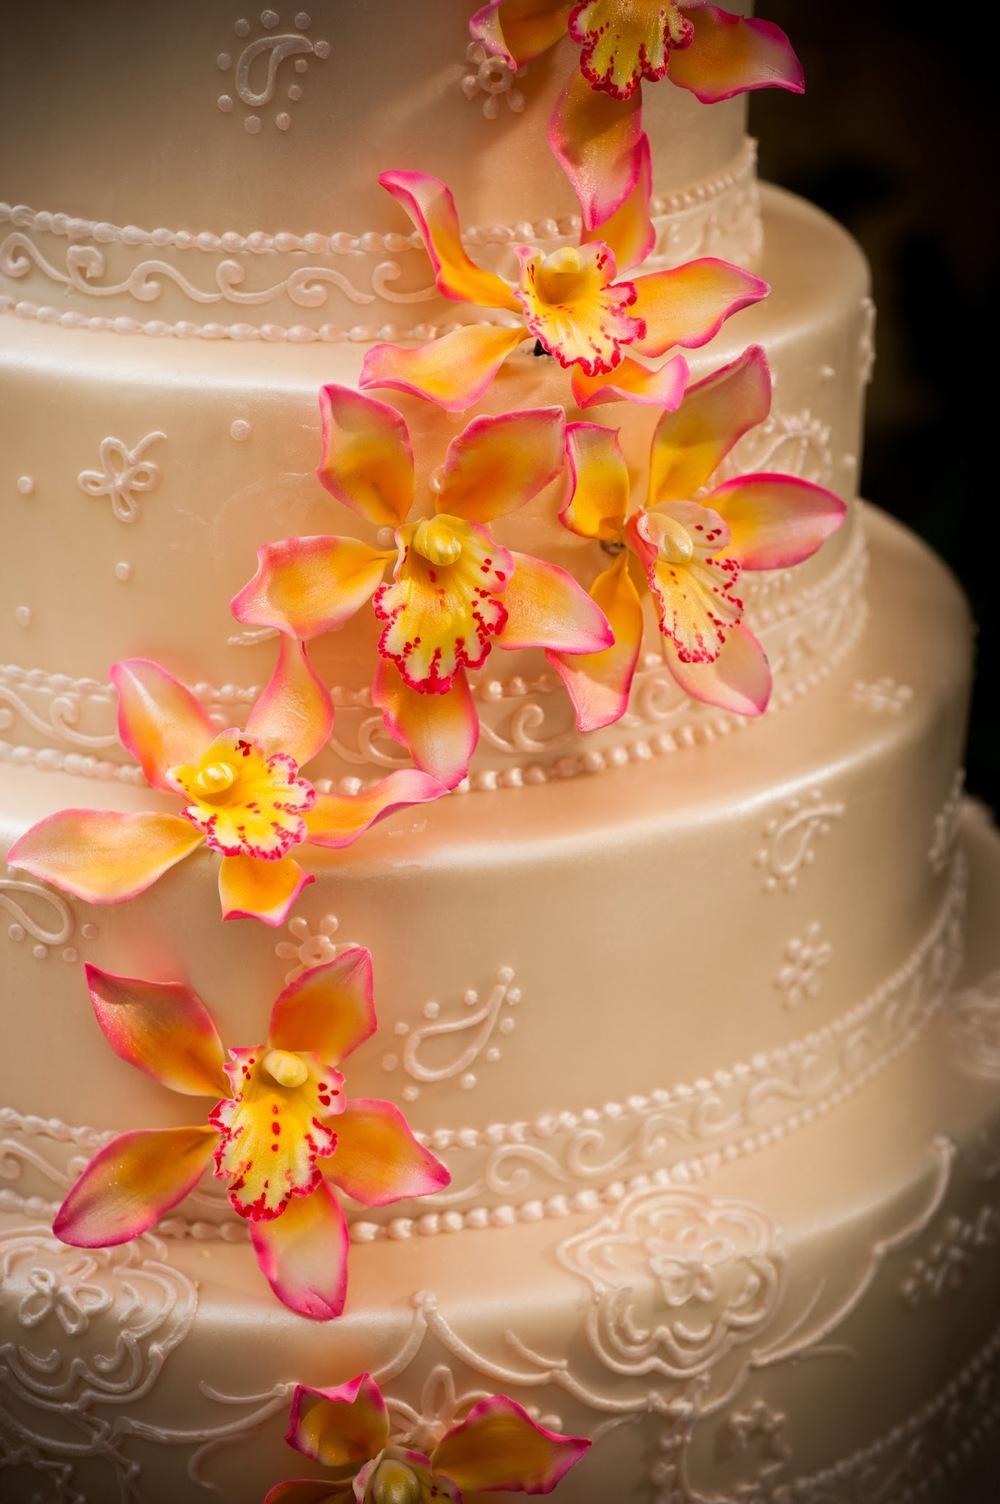 Sugar Flowers Detail | Edible Art Bakery of Raleigh